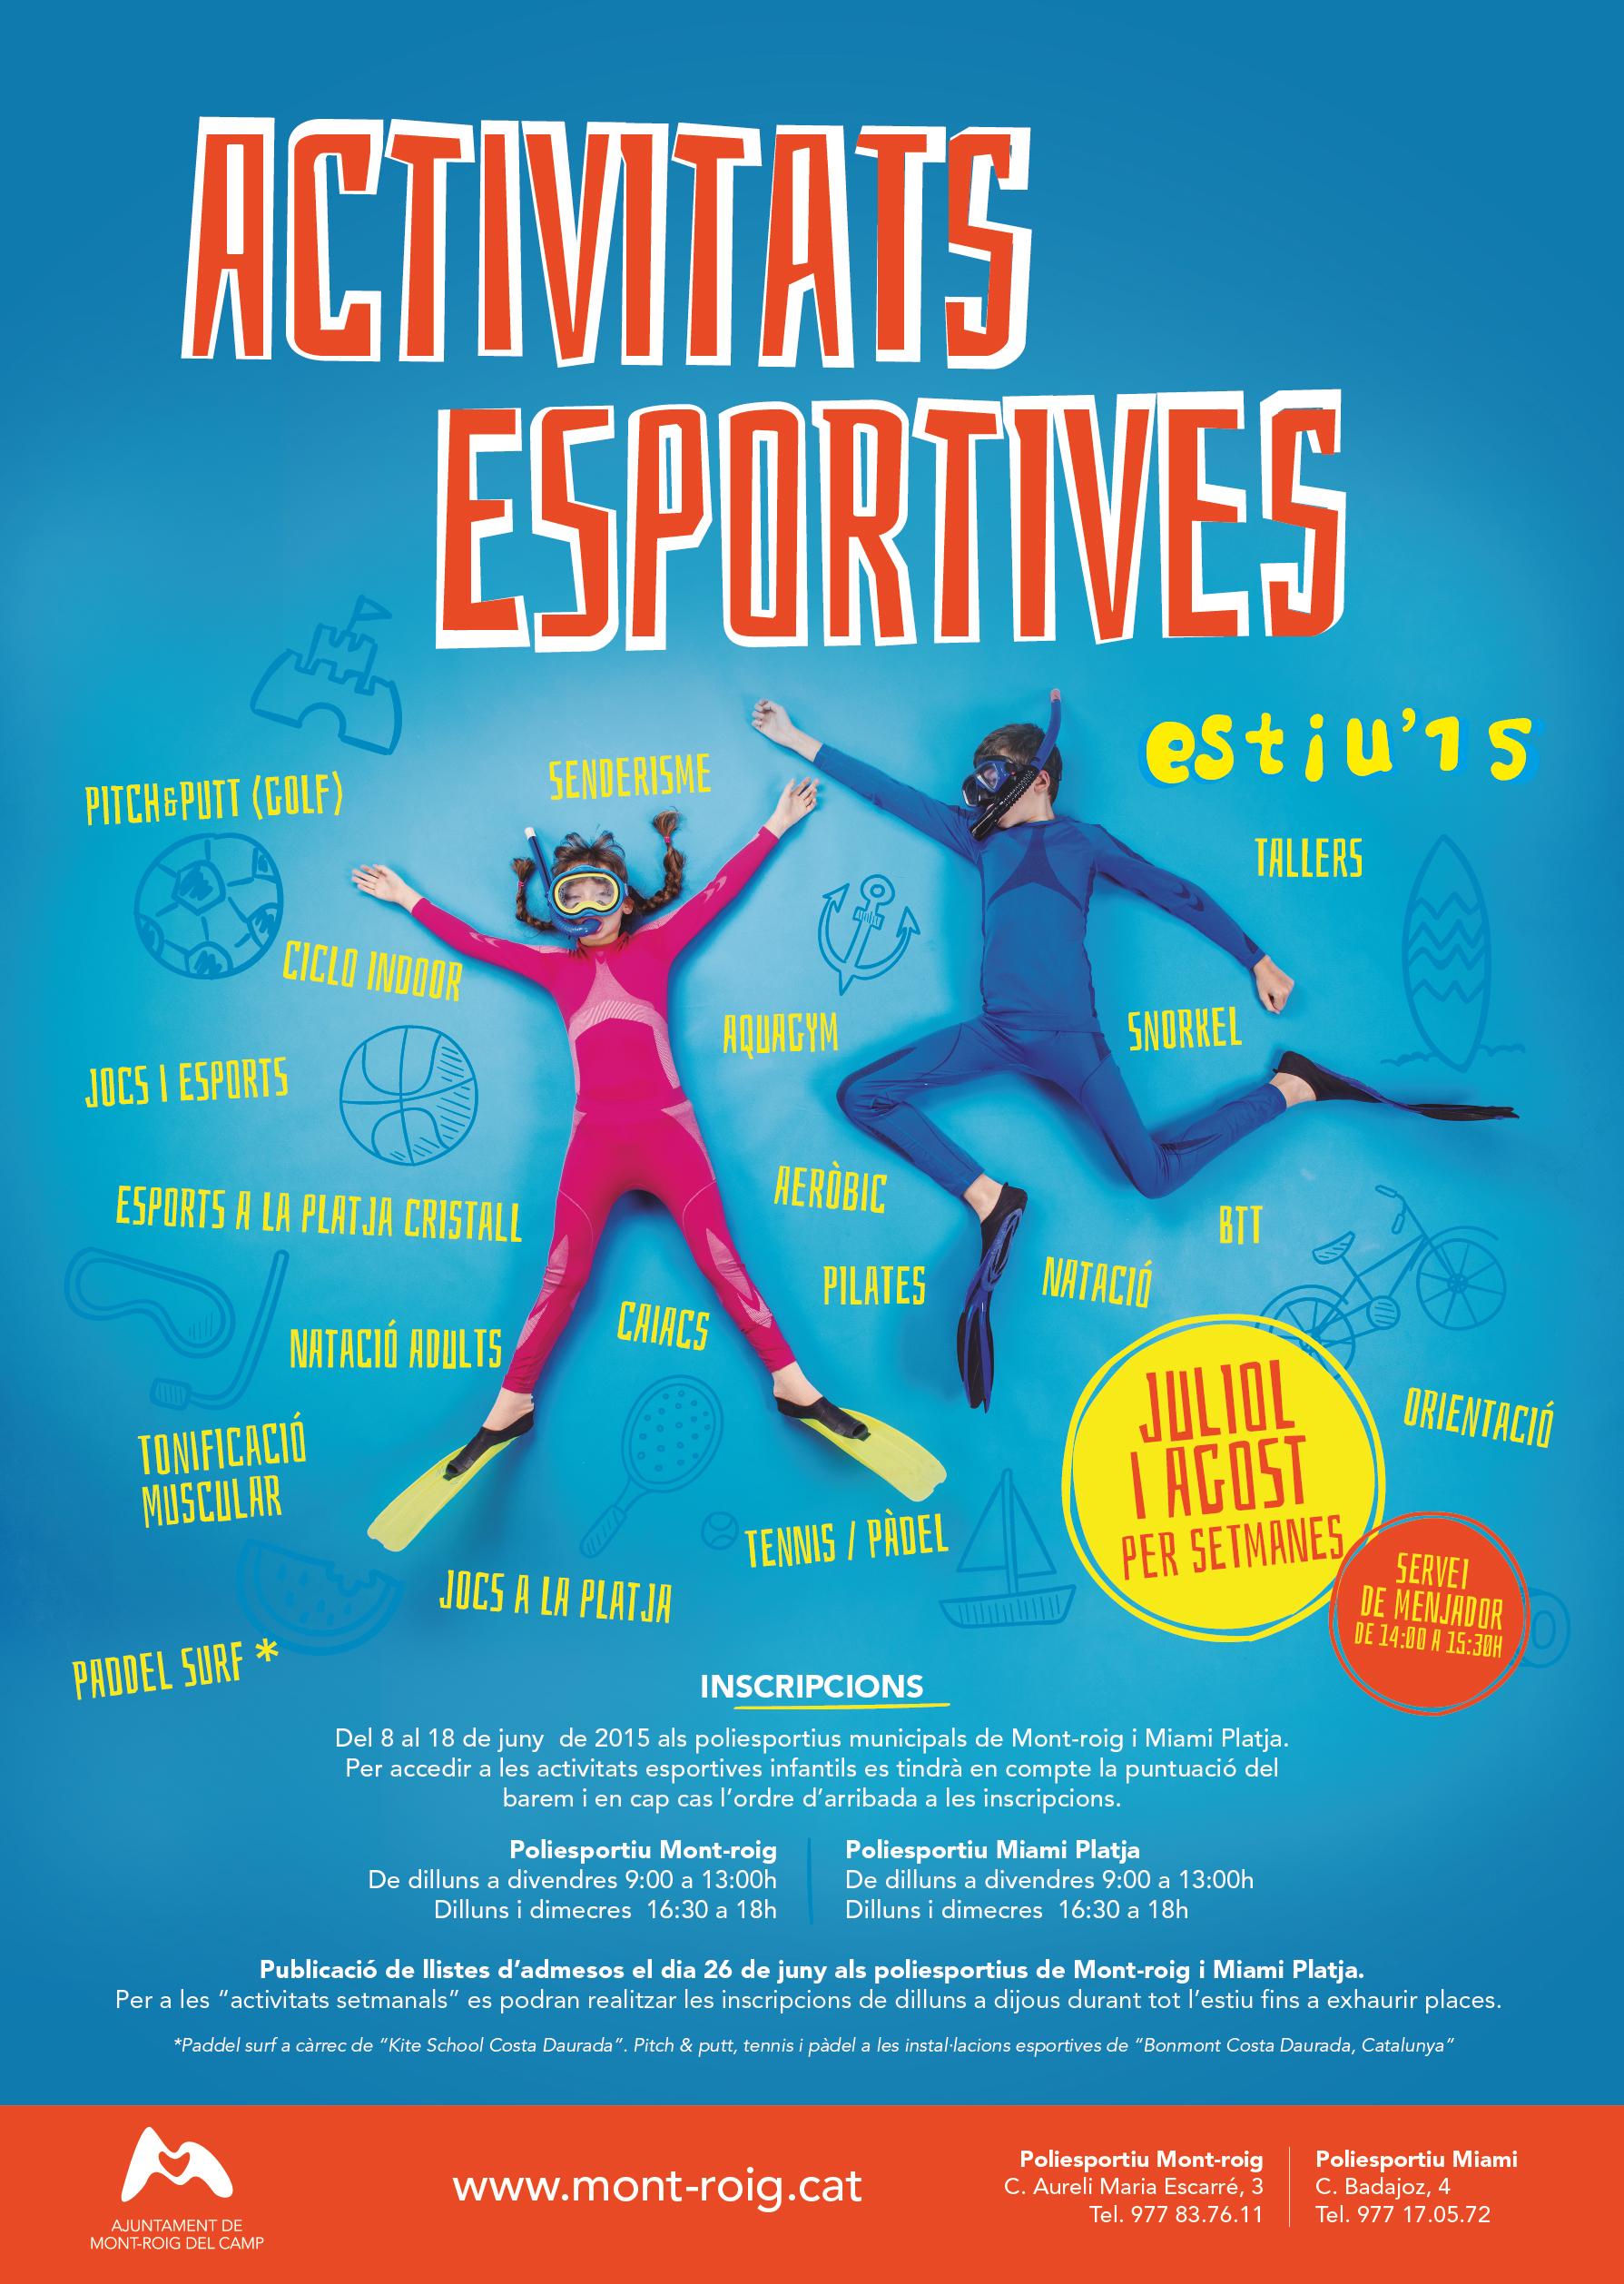 Activitats esportives estiu'15